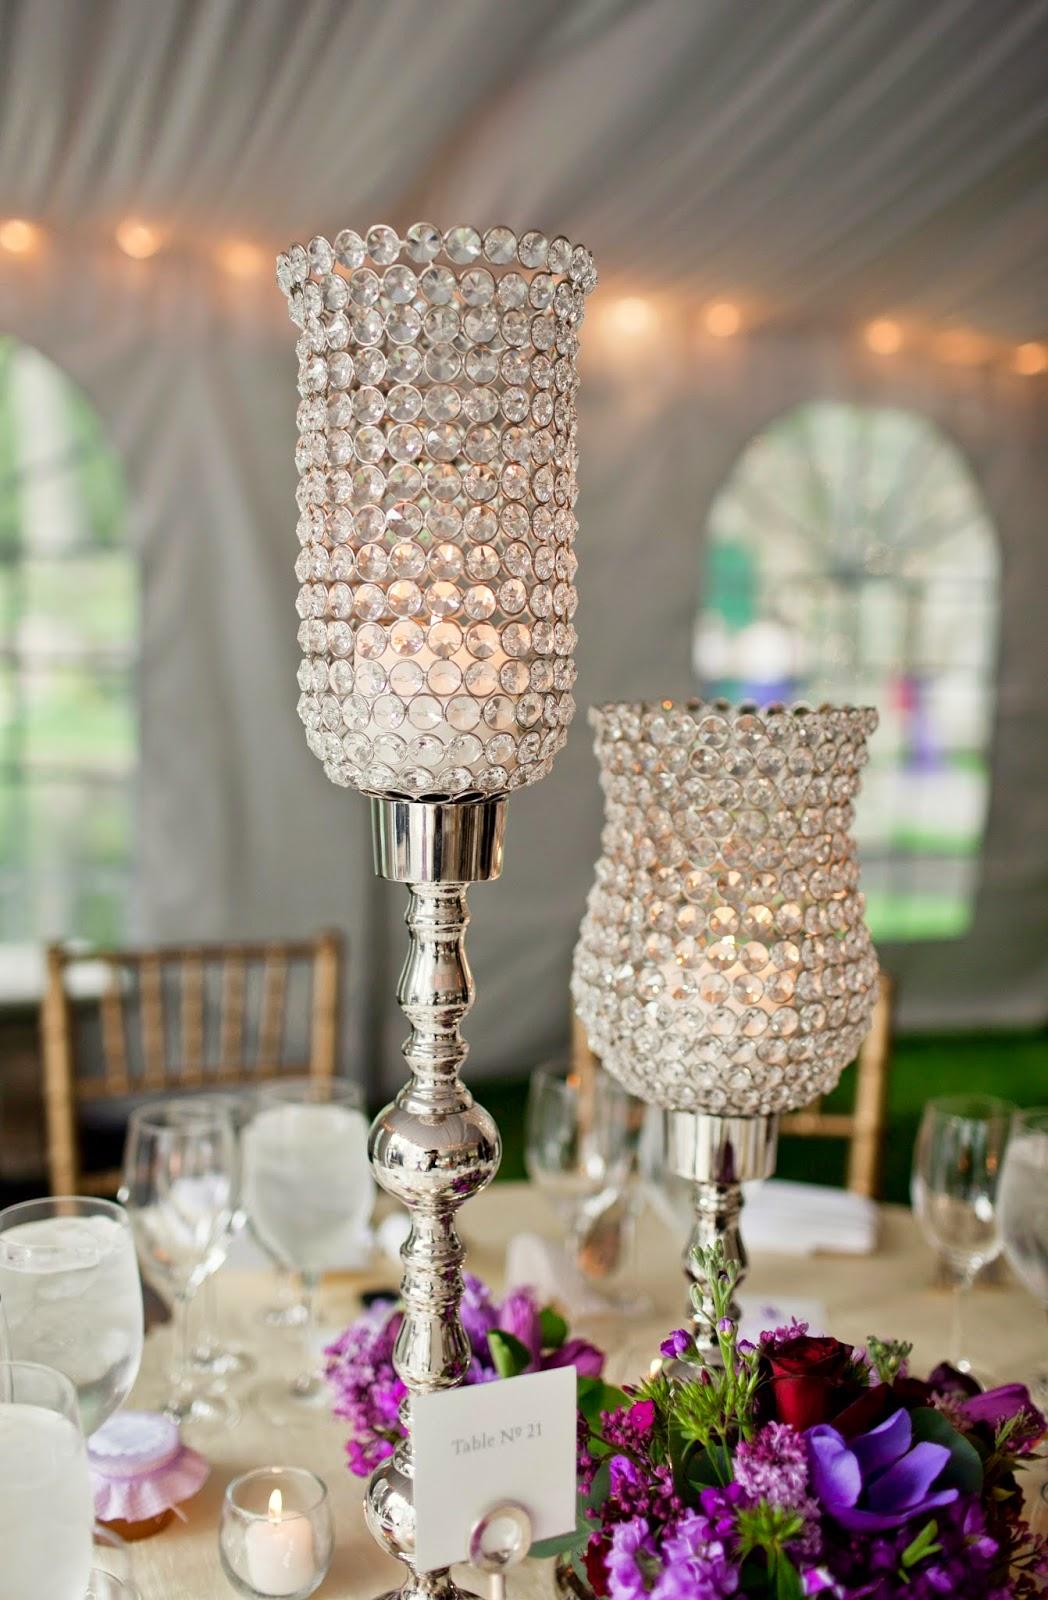 Summer Wedding Centerpiece Ideas For Unique Wedding